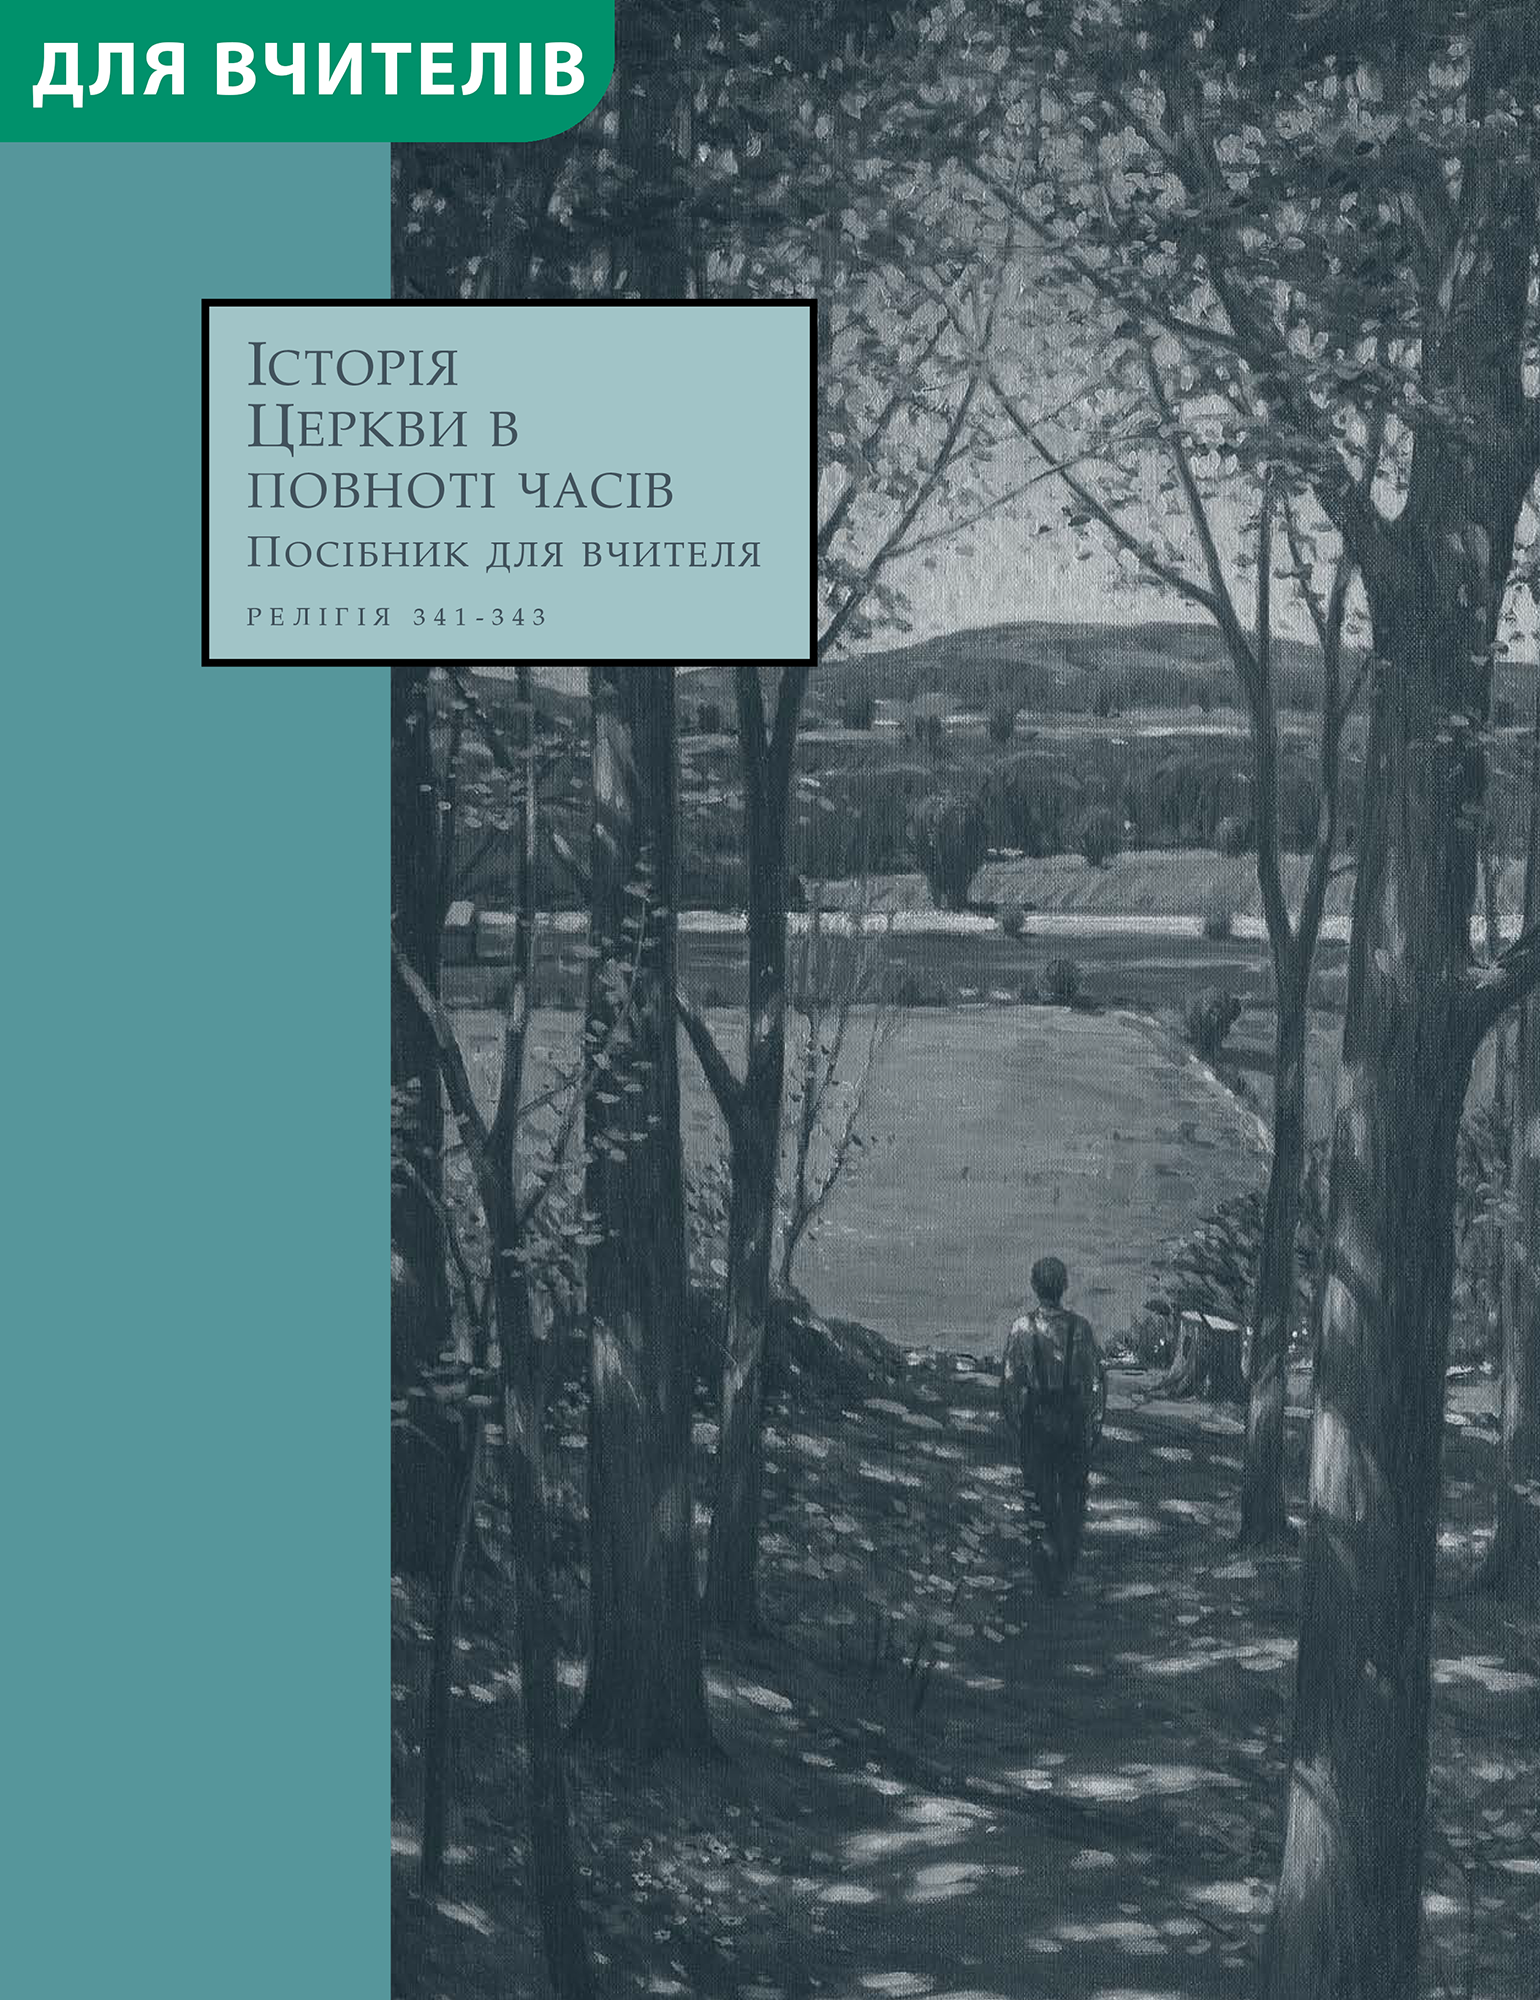 Історія церкви в Повноті часів. Посібник для вчителя (Рел 341-343)